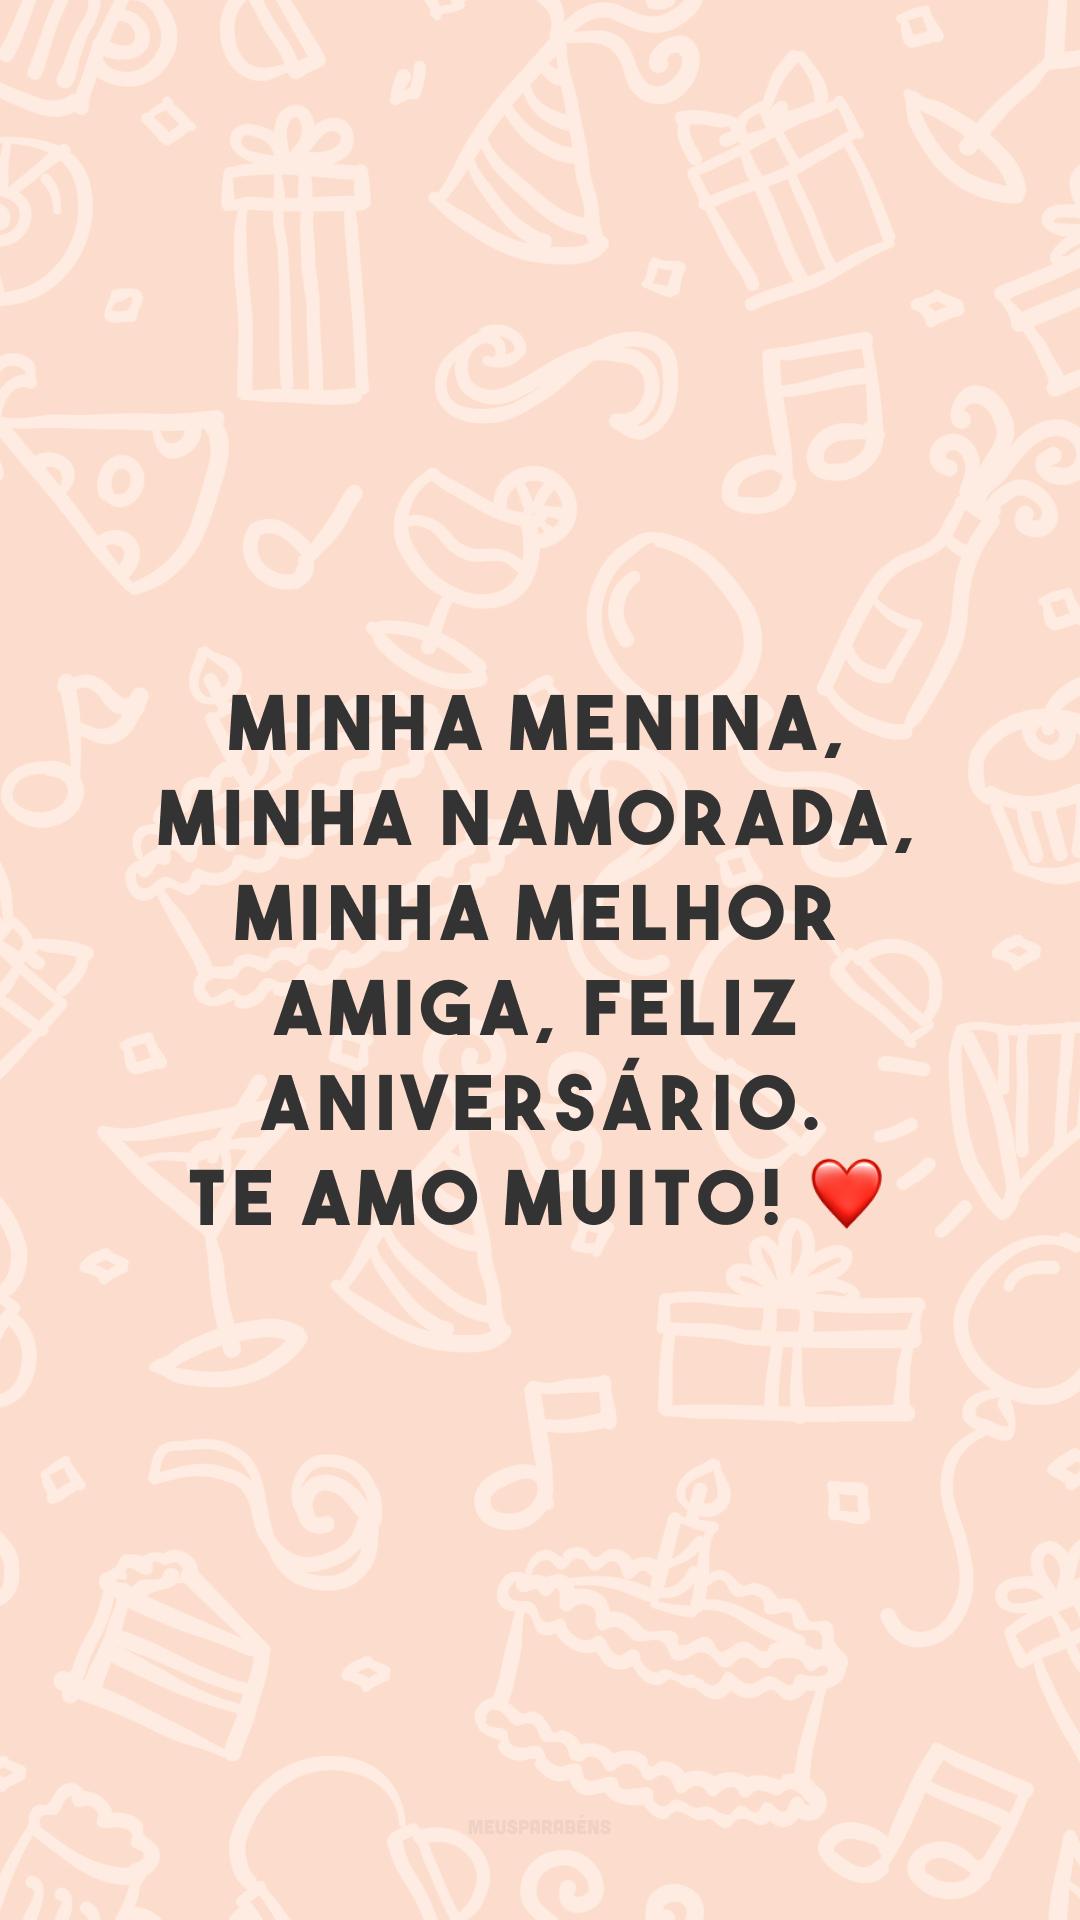 Minha menina, minha namorada, minha melhor amiga, feliz aniversário. Te amo muito! ❤️